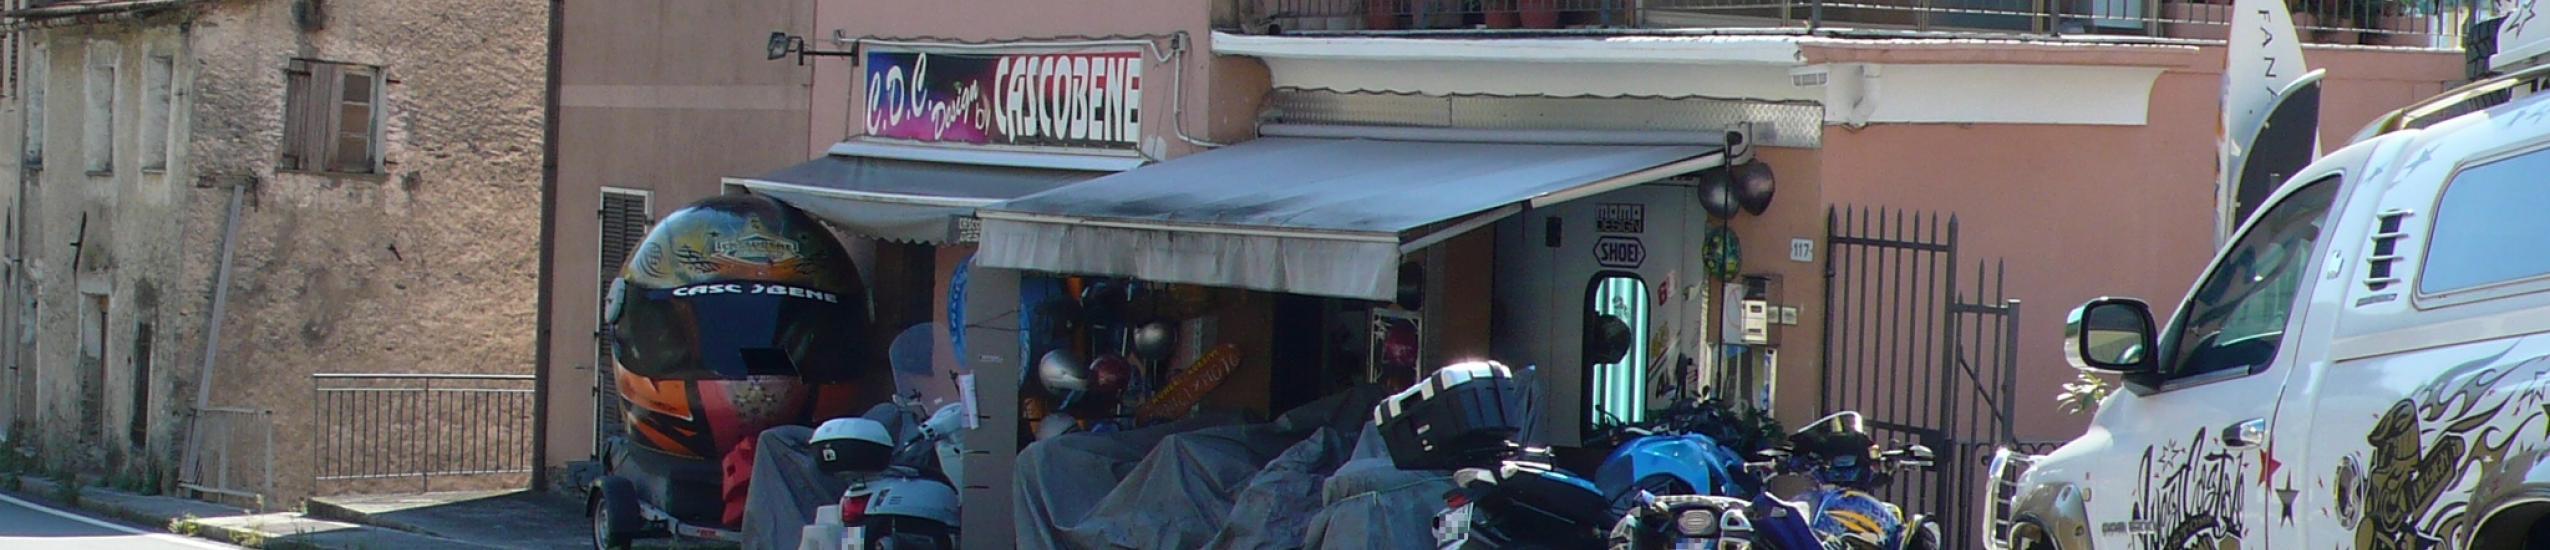 negozio cascobene